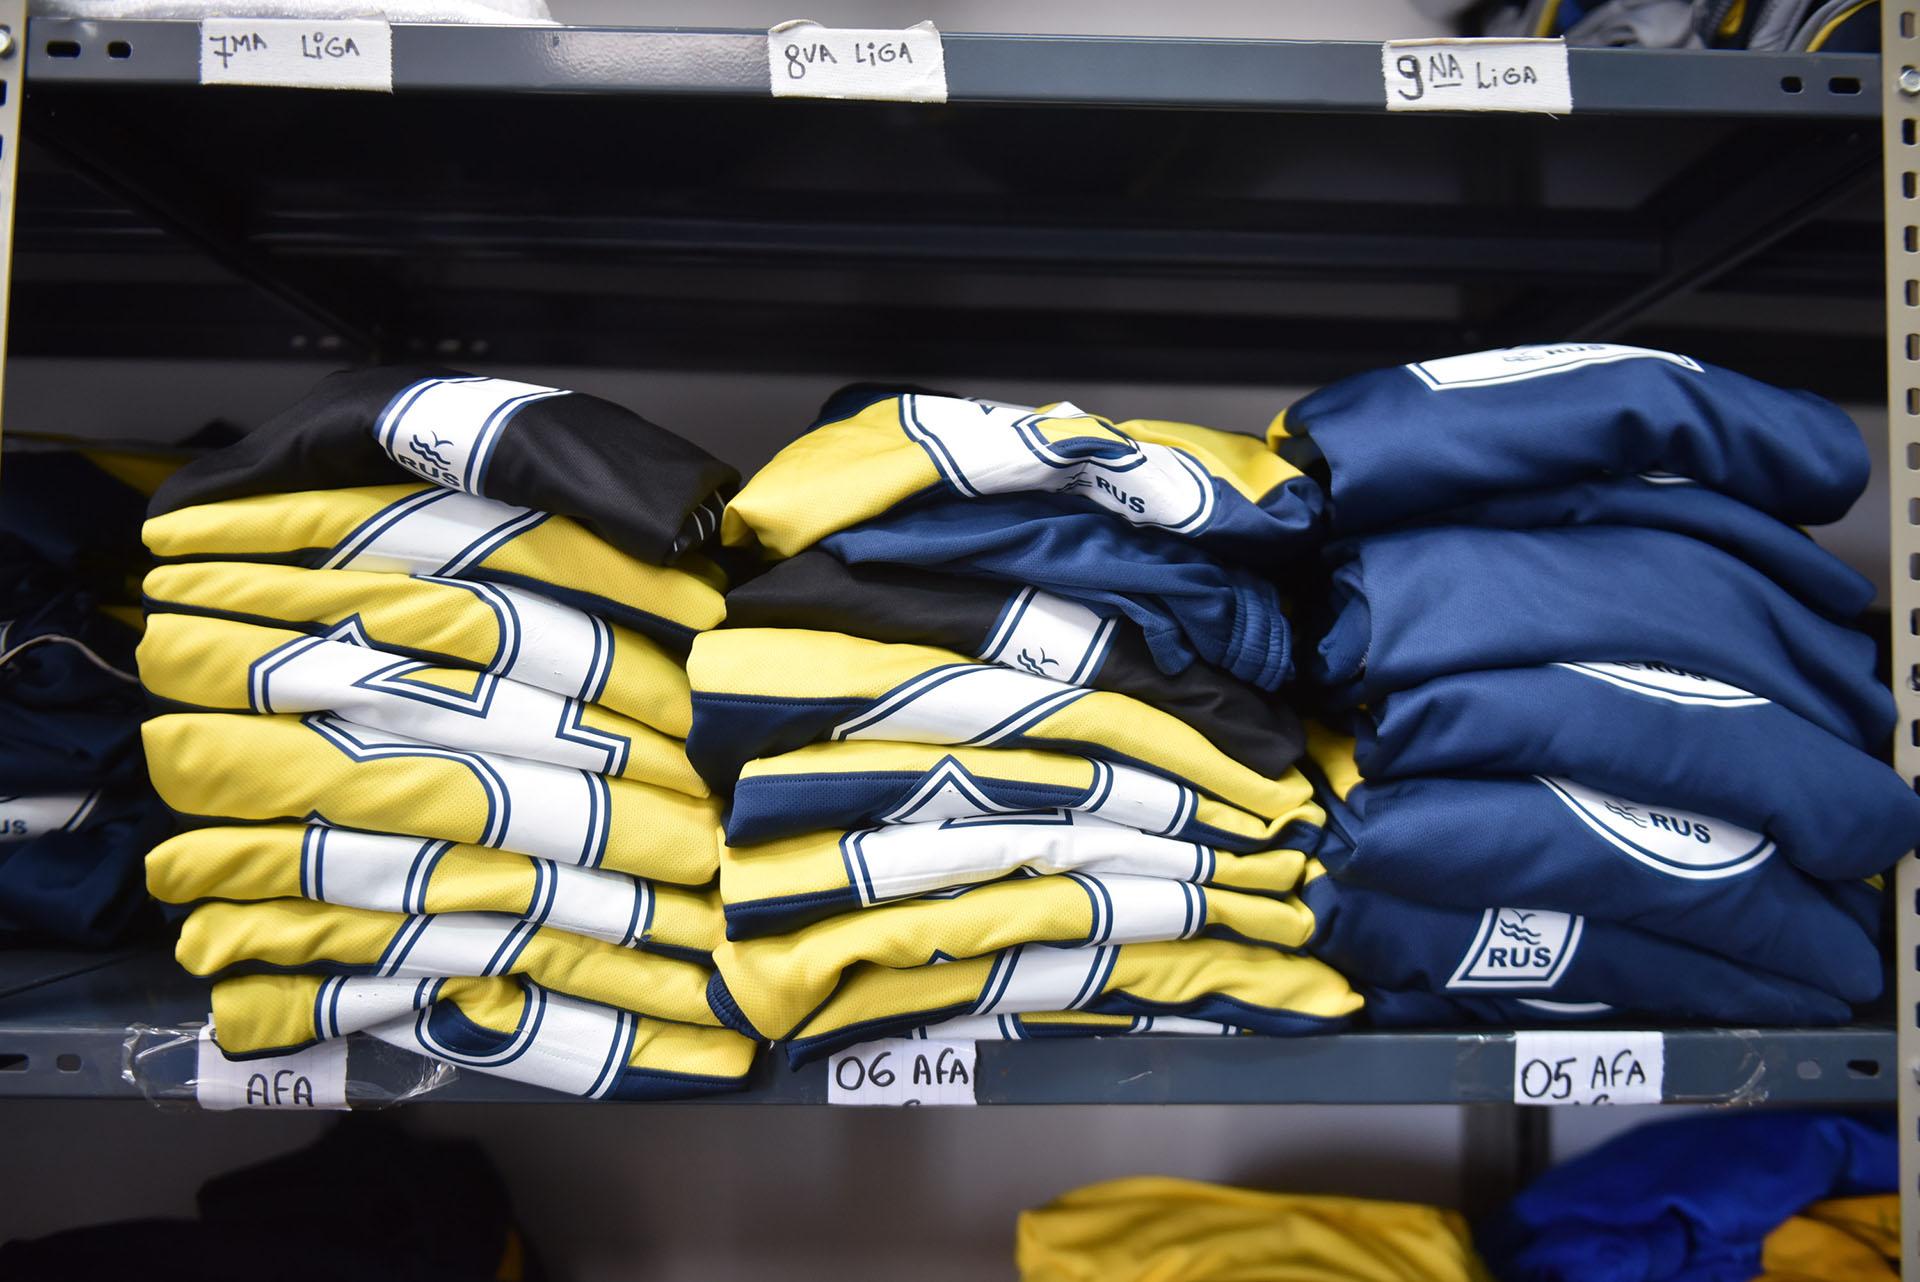 Las camisetas apiladas reflejan el sueño de miles de chicos de todo el país (Guille Llamos)